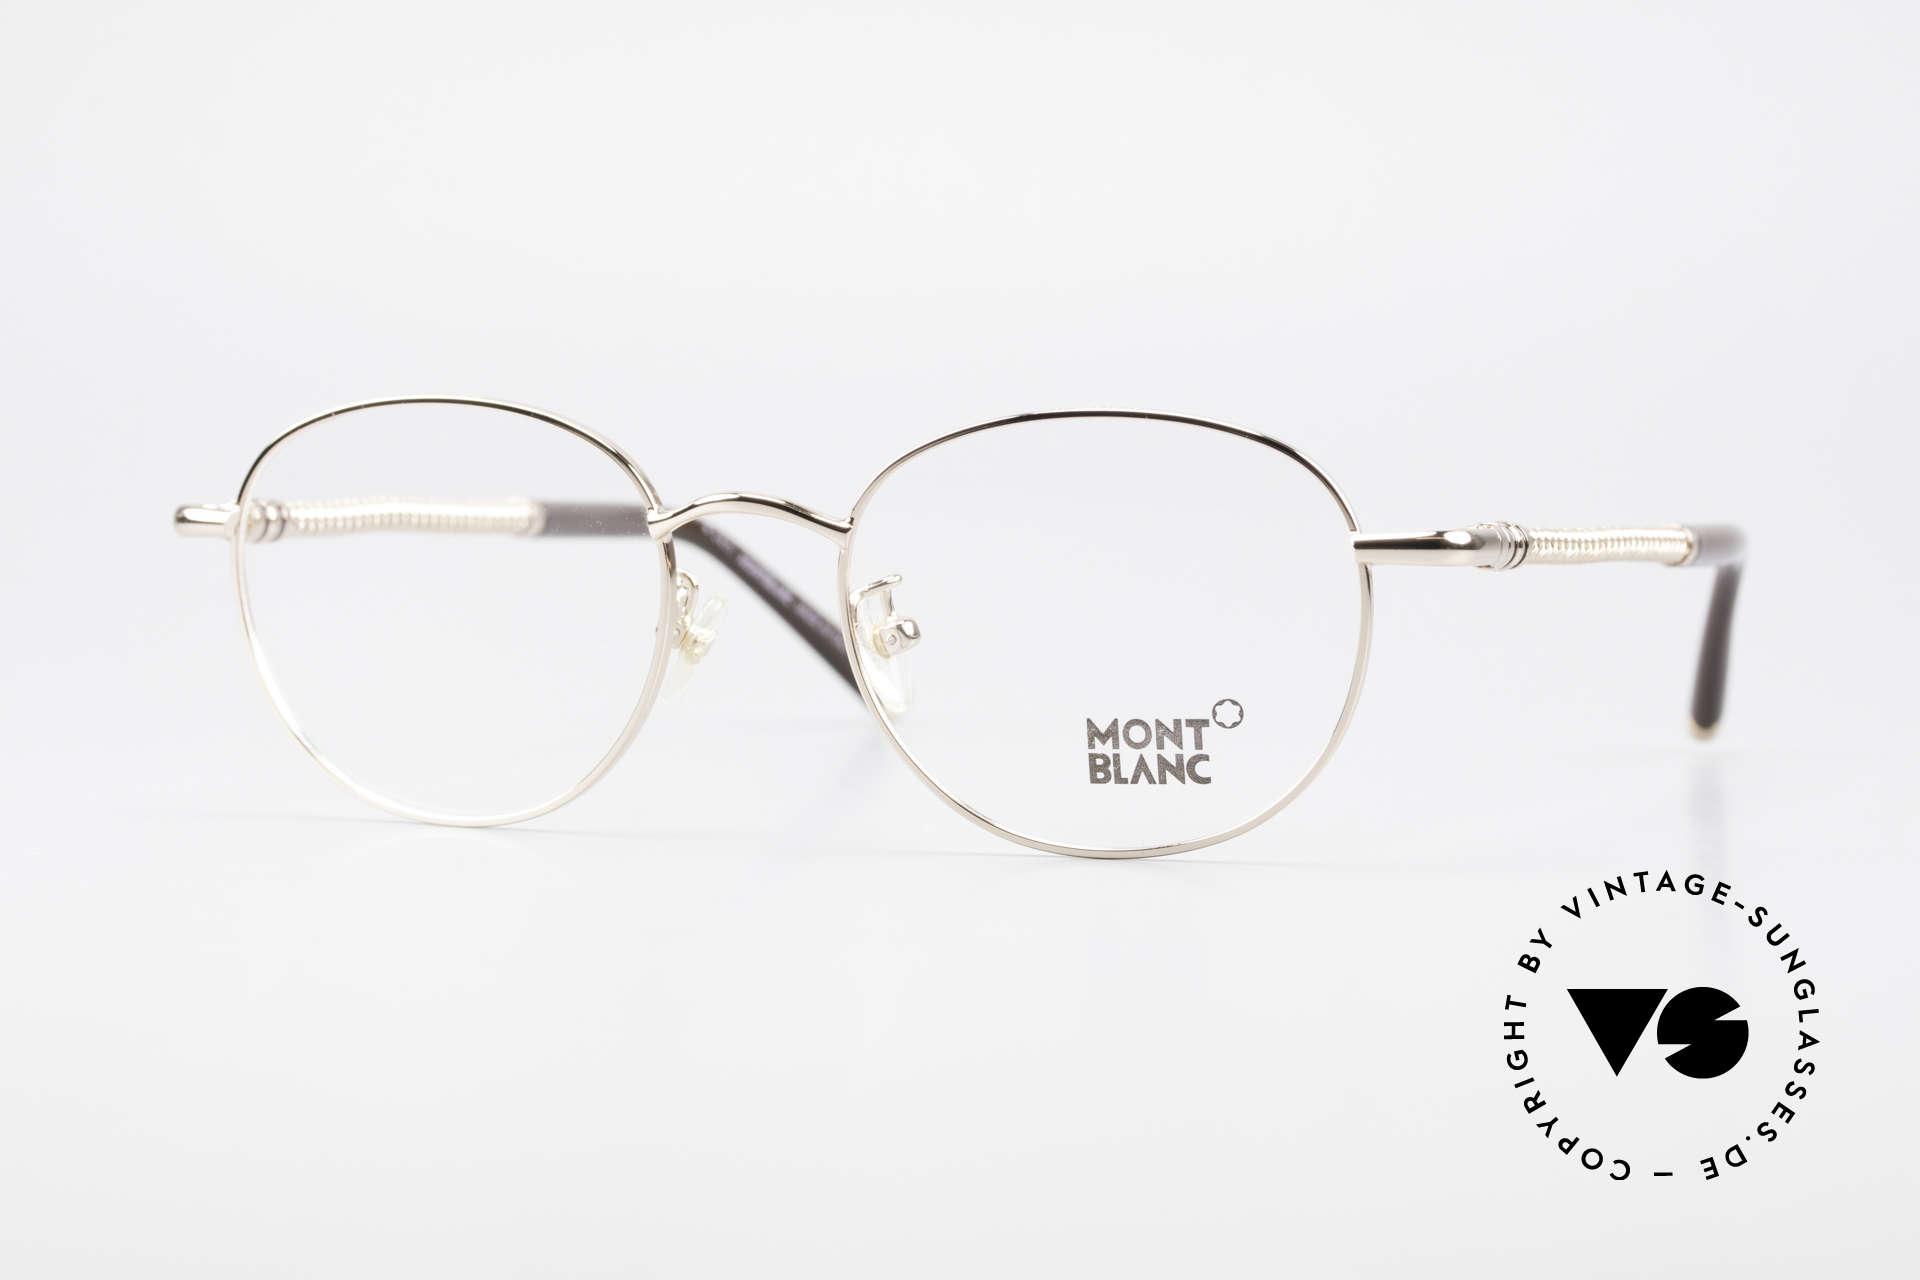 Montblanc MB392 Luxus Pantobrille Roségold, Mont Blanc Luxusbrille, 392, col. 028, Gr. 51/19, 145, Passend für Herren und Damen